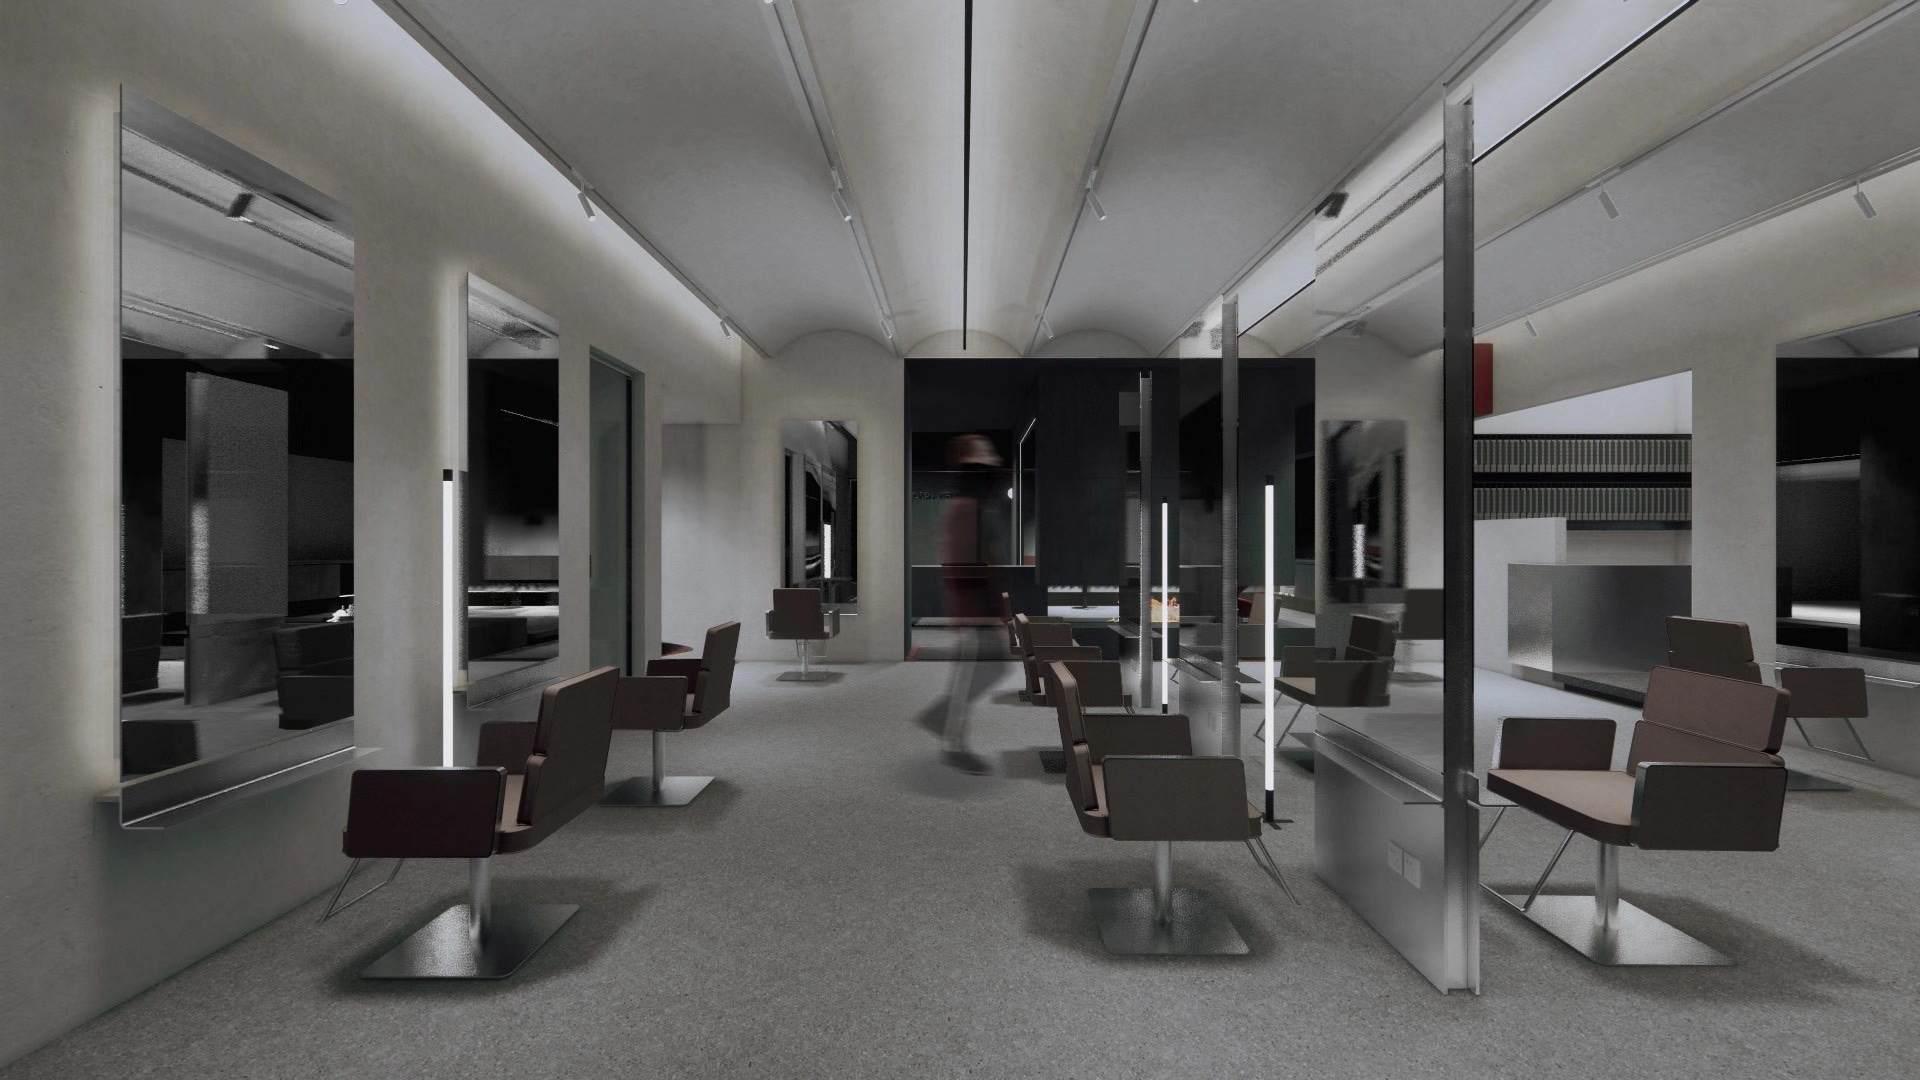 空间分布合理性当设计一家美发店时,首先应该按照实际空间的使用去考虑每一个区域的安排,充分利用好每一寸空间,既发挥每一处空间的作用,又迎合顾客的心理。一般的大型美发店应该由:美发区、烫染区、洗头区、冲水区、产品区、休息区(客人休息区、员工休息区)色吧区、接待区、前台区、办公区。